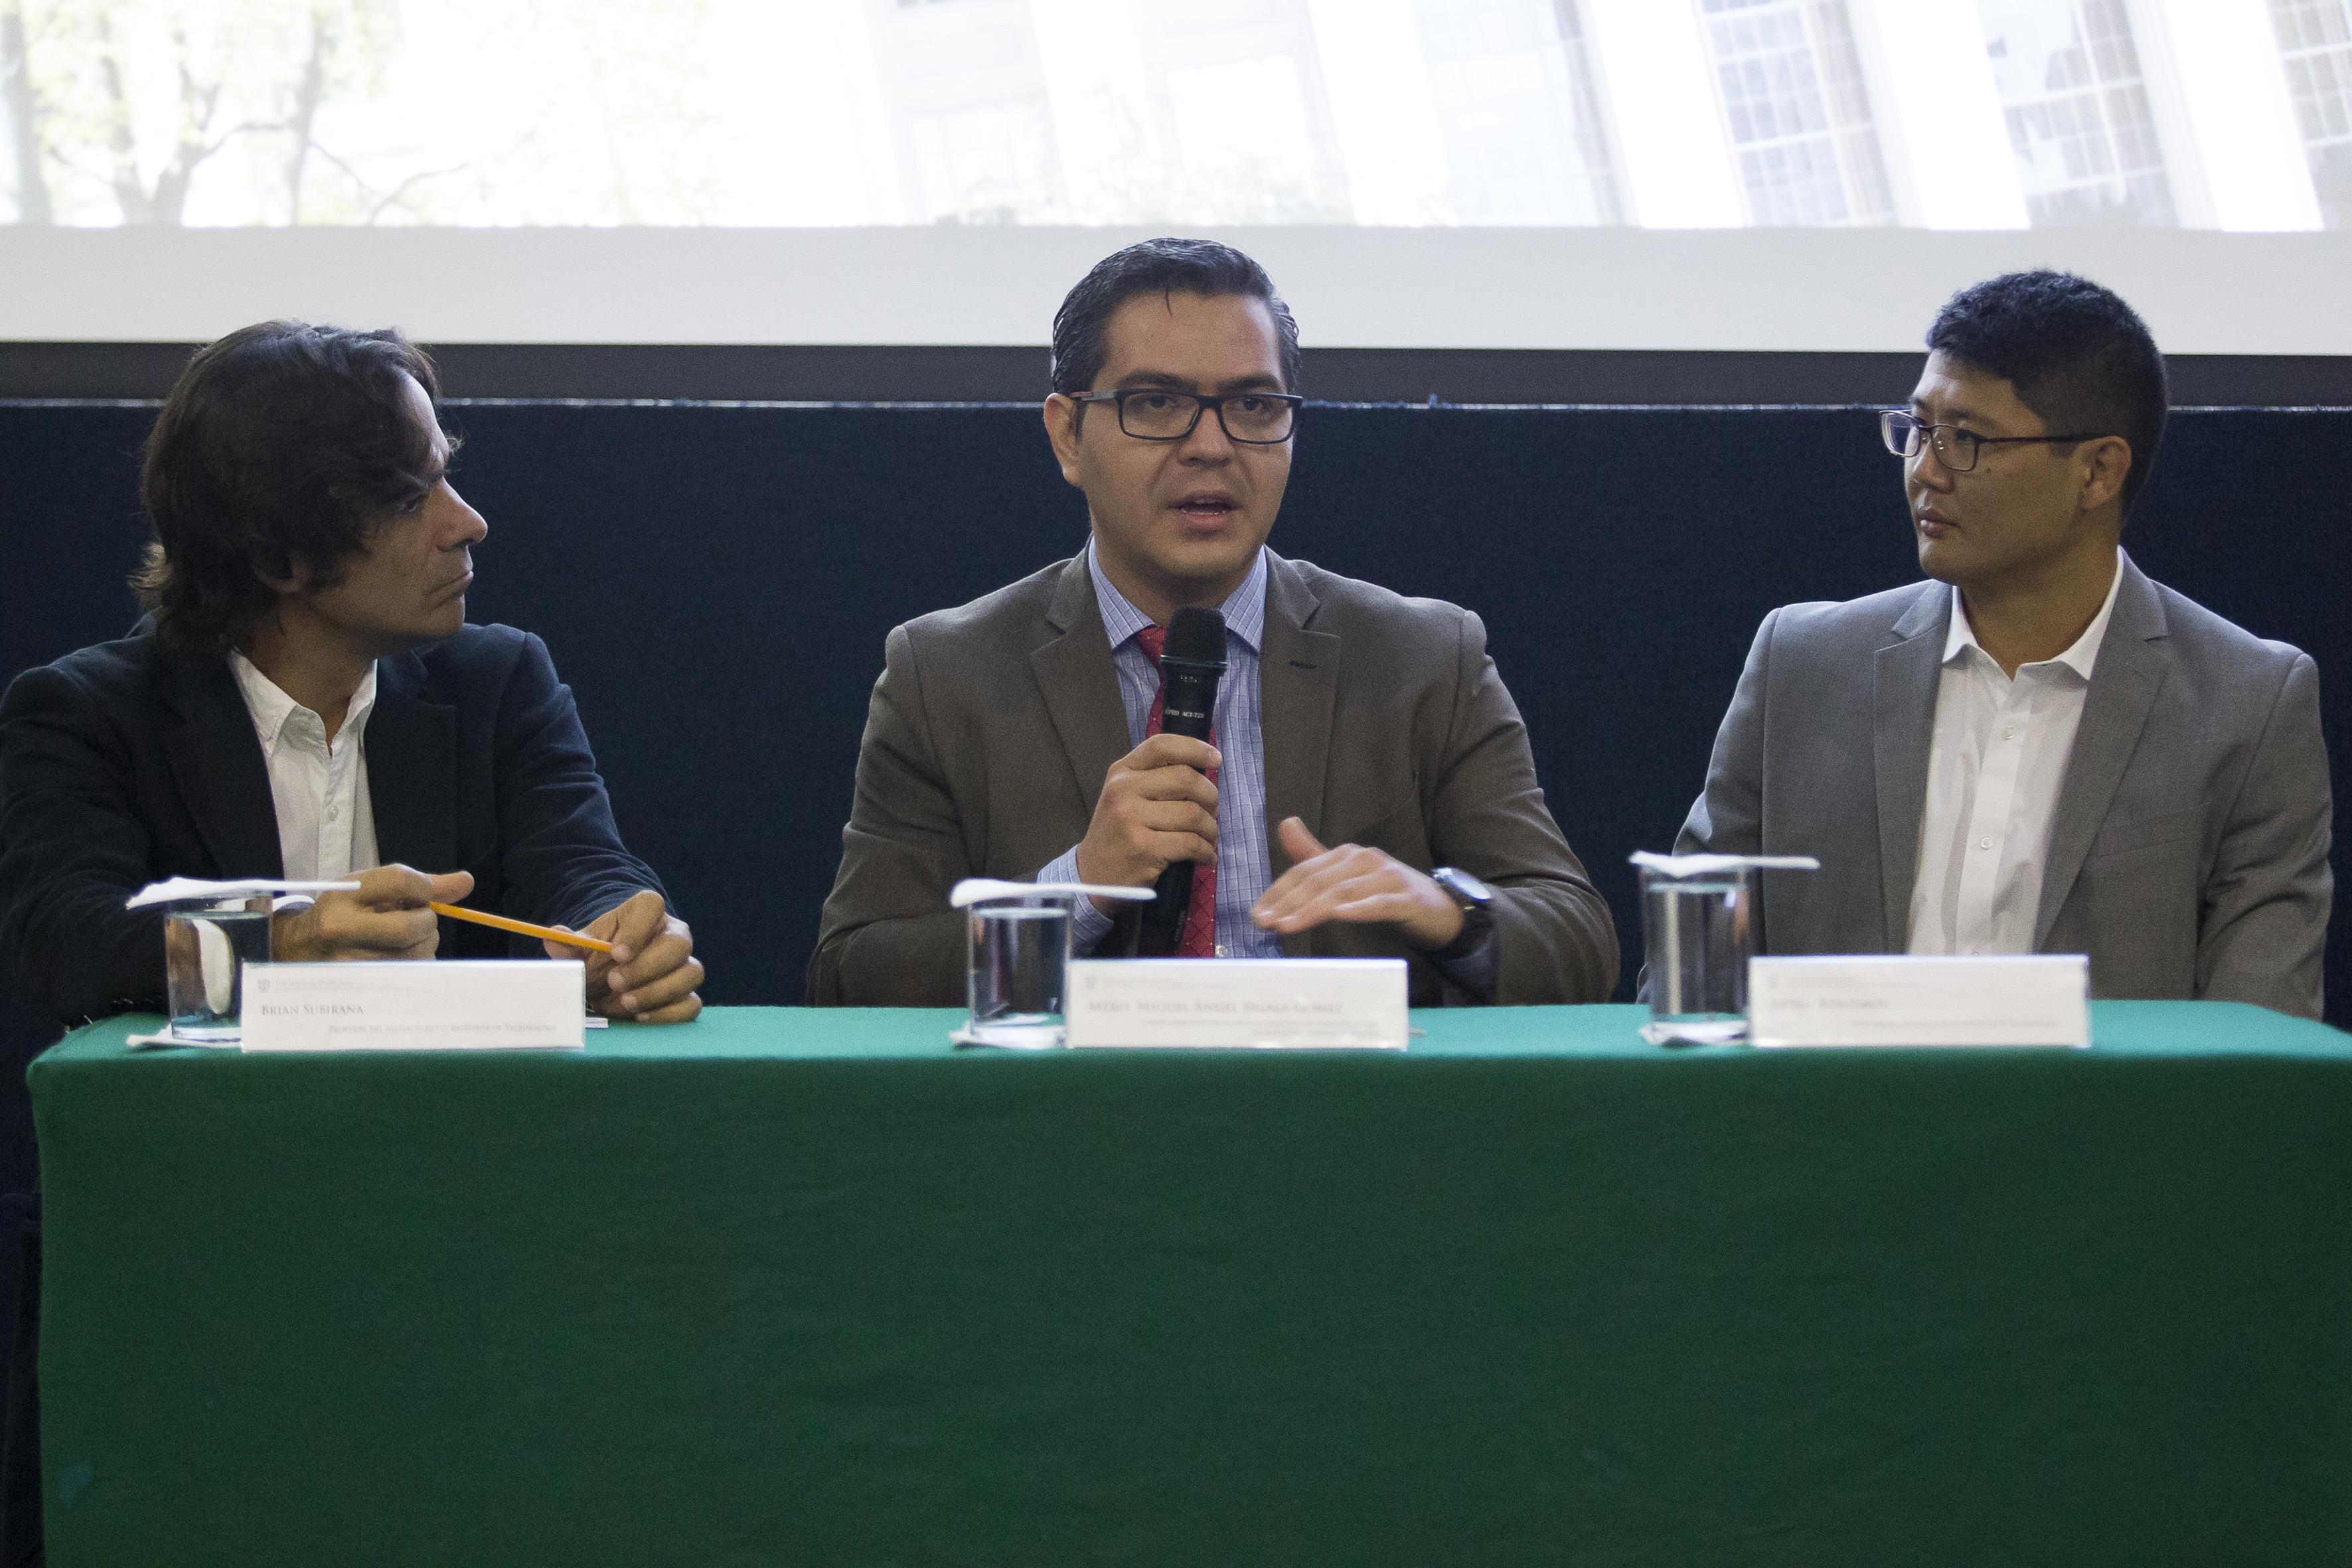 Mtro. Miguel Angel Sigala Gómez, Coordinador de Programas Internacionales de la Coordinación General de Cooperación e Internacionalización, haciendo uso la palabra como presentador del evento.